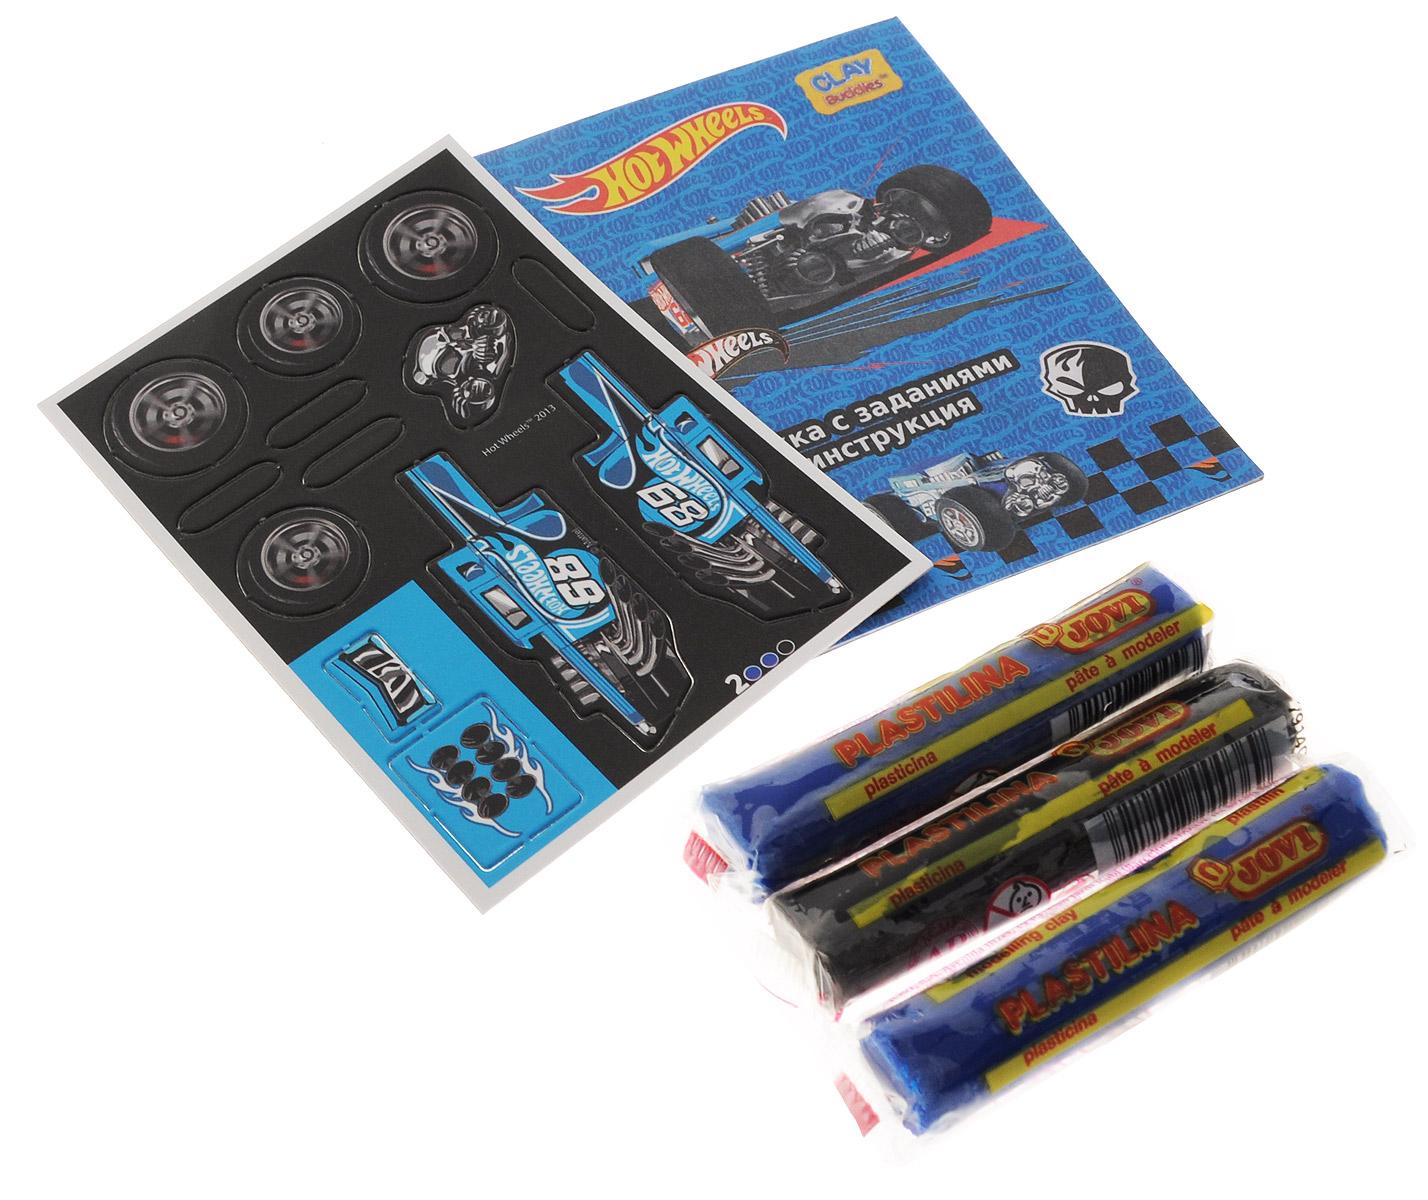 Giromax Набор для лепки Hot Wheels Машина цвет синий черный307595_синийНабор для лепки Giromax Hot Wheels: Машина позволит вашему ребенку создать поделку в виде синей гоночной машинки. Набор включает три бруска пластилина (один черного цвета, два других - голубого), картонный лист с красочными элементами для оформления поделки, липучку для наклеивания элементов, а также брошюру с заданиями и инструкцией на русском языке. Входящая в набор пластилиновая масса разработана специально для детей, очень мягкая, приятно пахнет, ее не надо разминать перед лепкой. Пластилин быстро высыхает, не имеет запаха, не липнет к рукам и одежде, легко смывается. Работа с пластилином для лепки подарит вашему ребенку положительные эмоции, а также поможет развить мелкую моторику рук, внимательность и усидчивость.